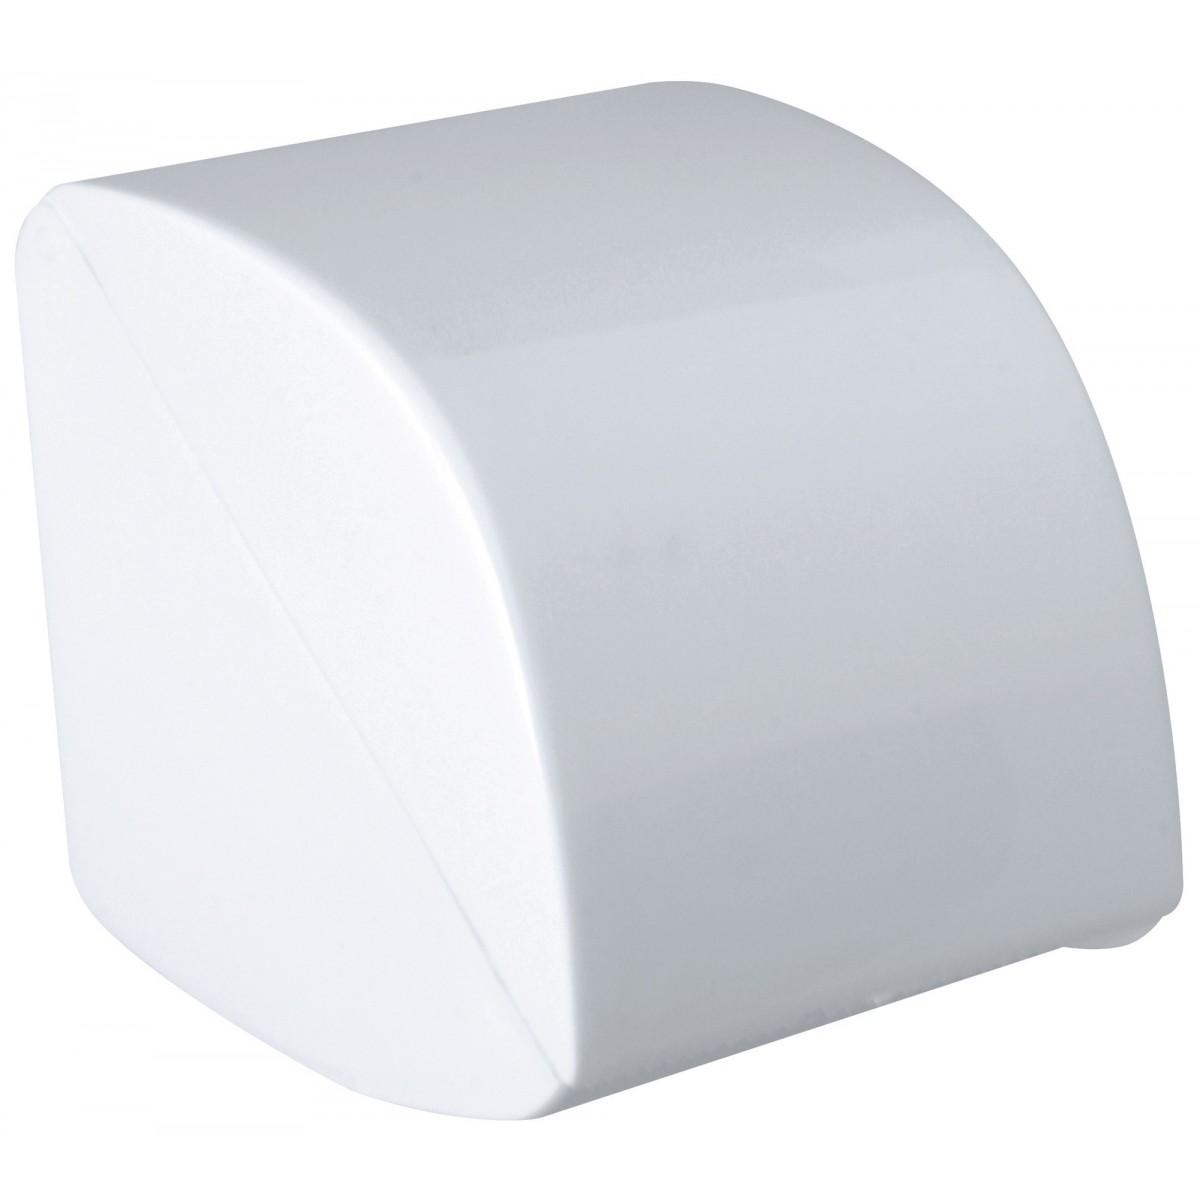 Porte-papier Evo - Blanc